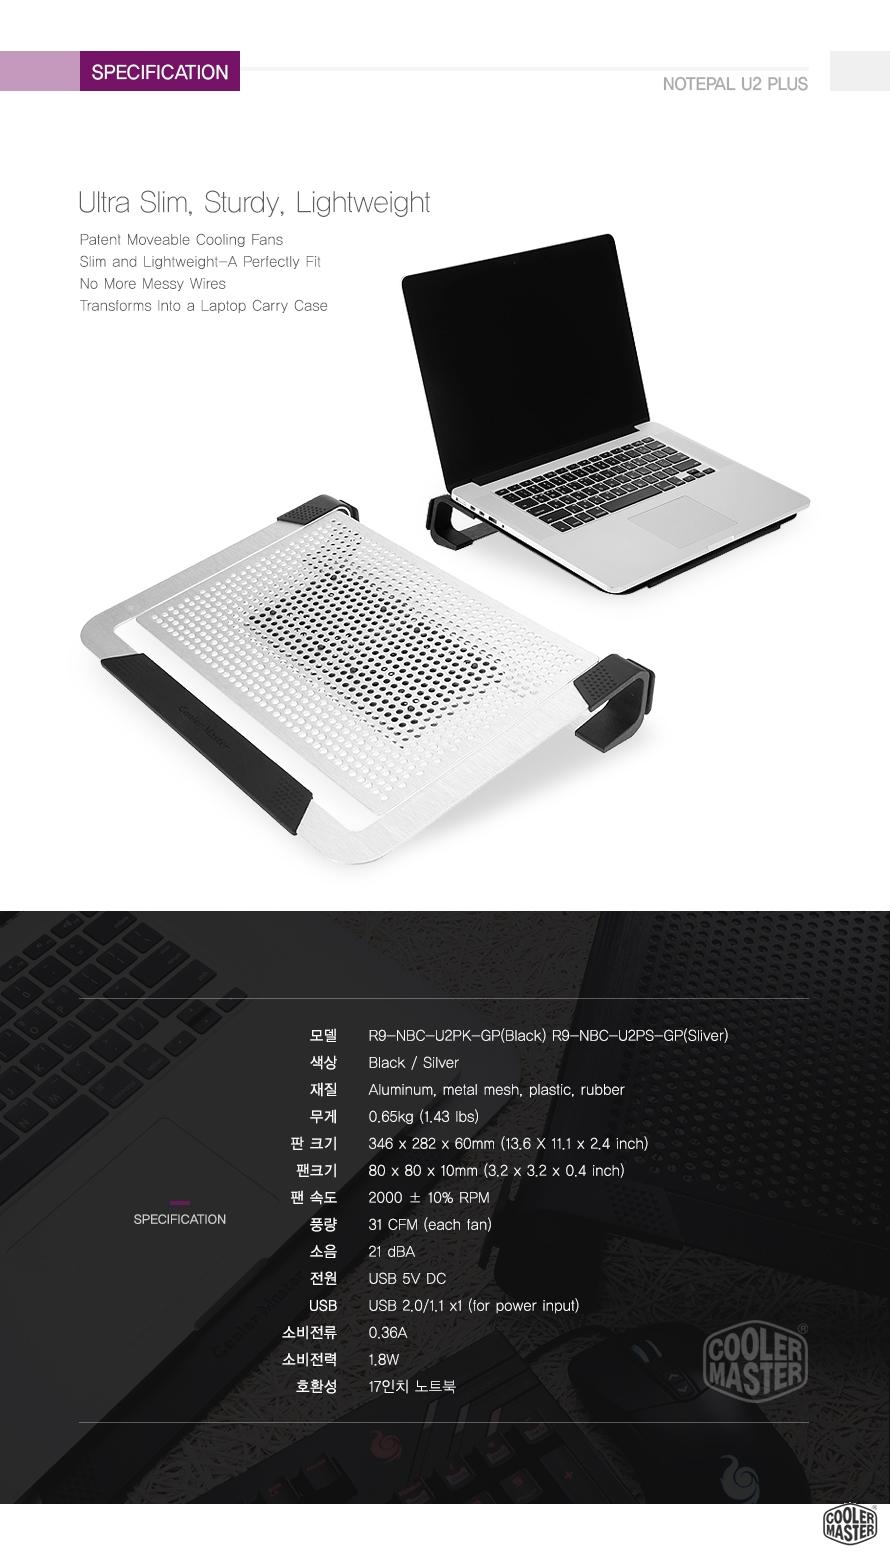 쿨러마스터 NOTEPAL U2 PLUS / Black / Silver / 17인치 노트북 장착가능 / 346 x 282 x 60 mm / 0.65kg